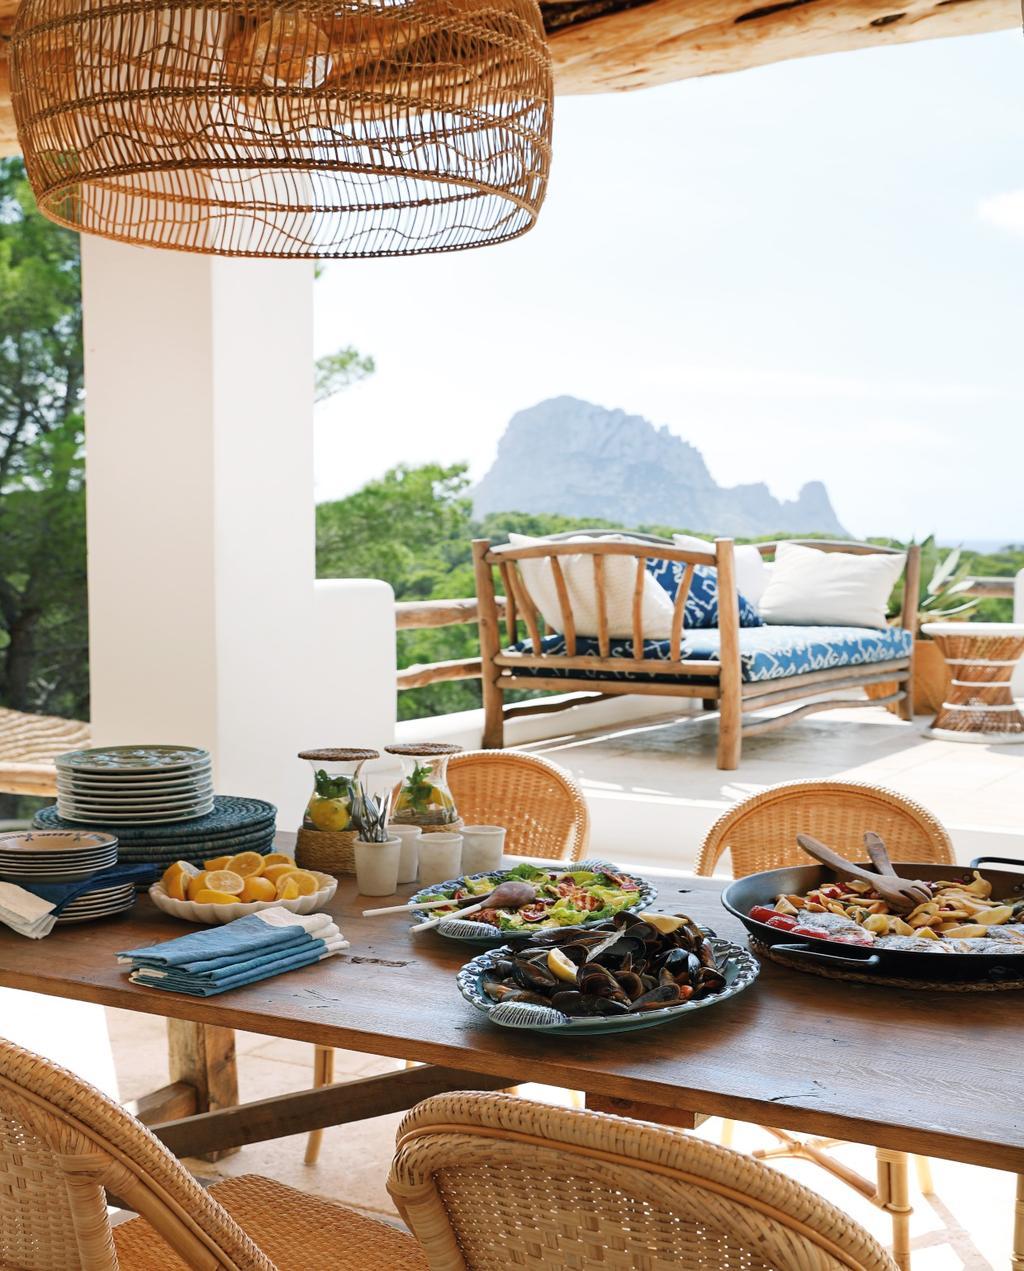 vtwonen 08-2020 | bk buitenland ibiza eettafel met rotan stoelen